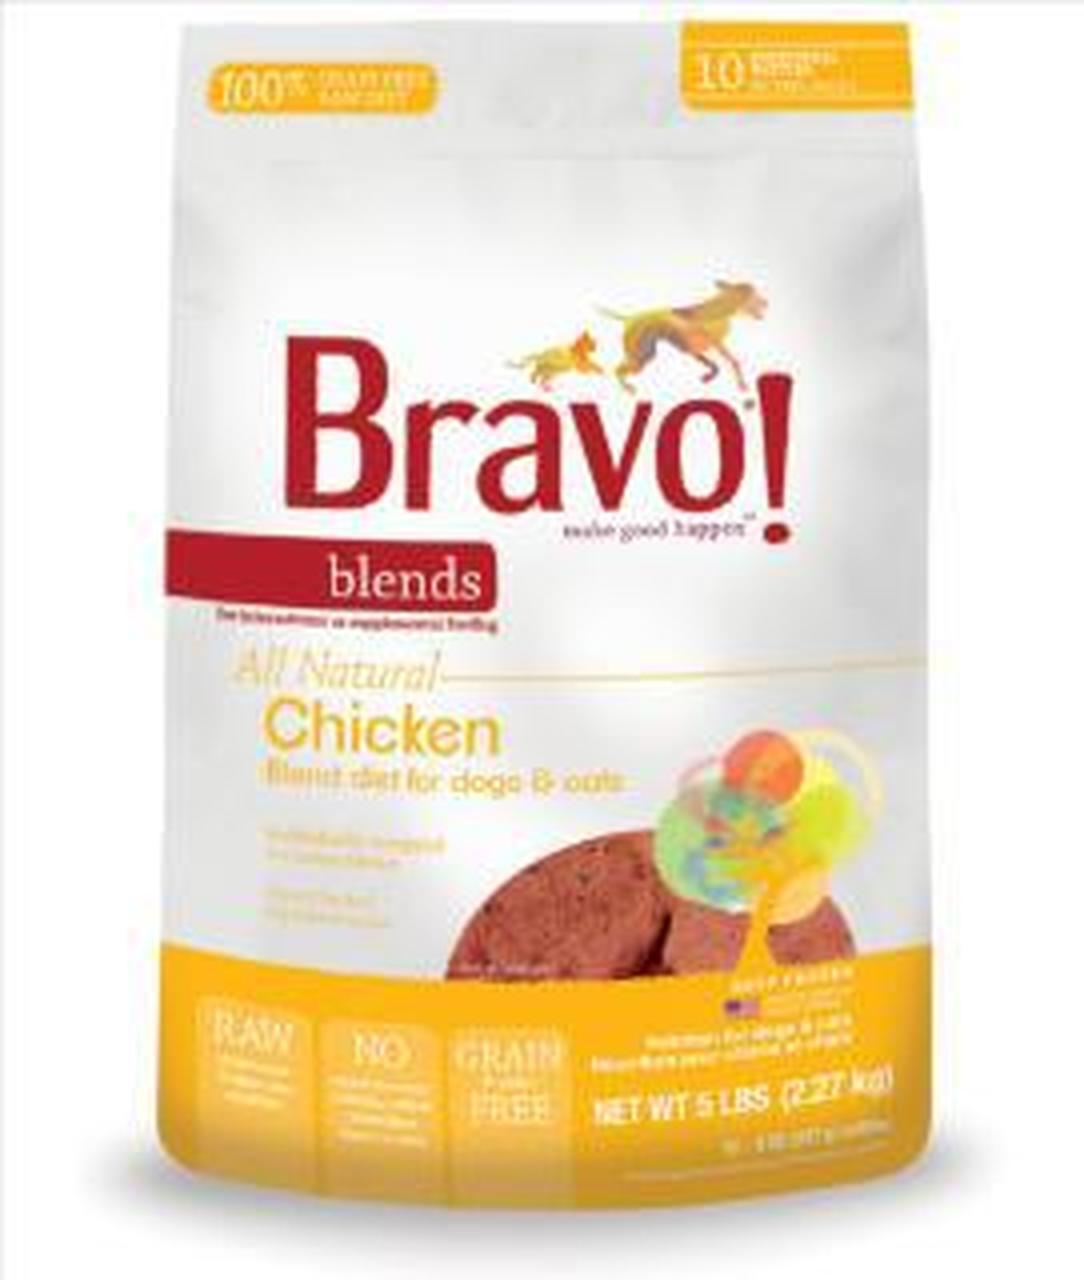 Bravo Blends Chicken Patties Raw Frozen Dog Food Image